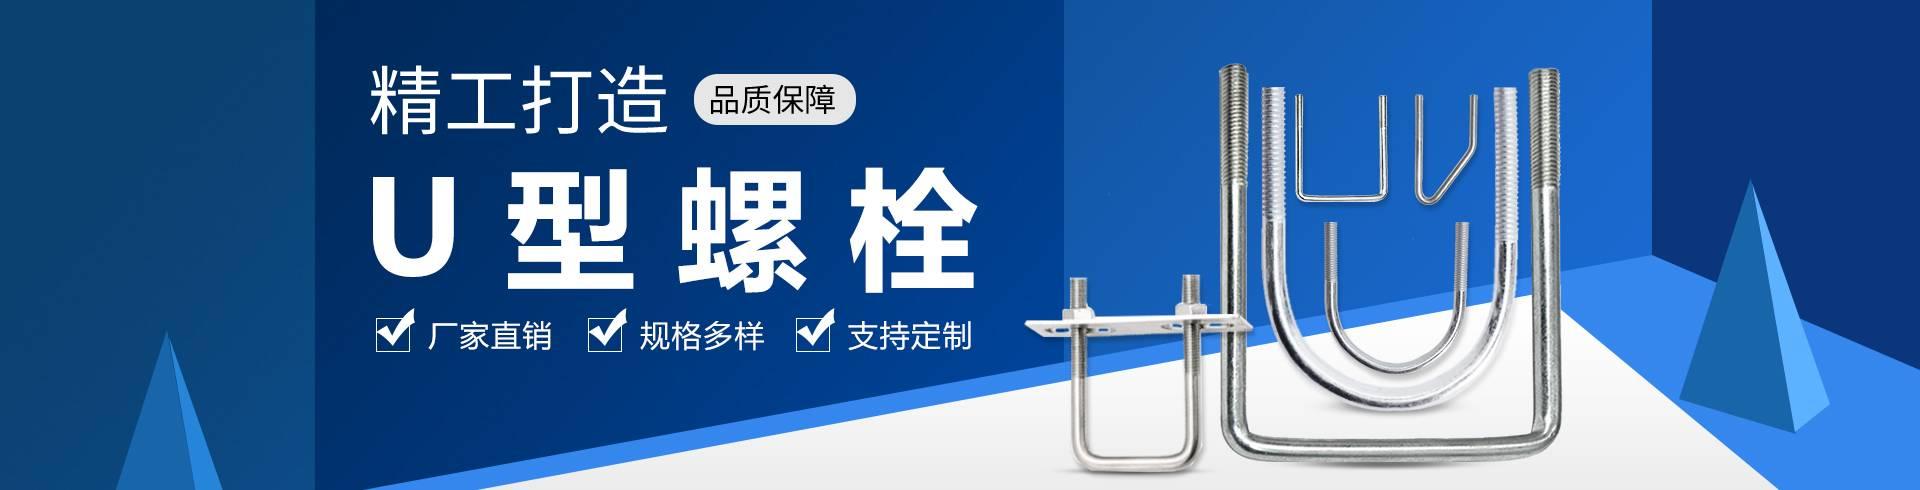 鍍鋅螺栓,熱鍍鋅螺栓,U型螺栓,預埋件,預埋鋼板,永年緊固件